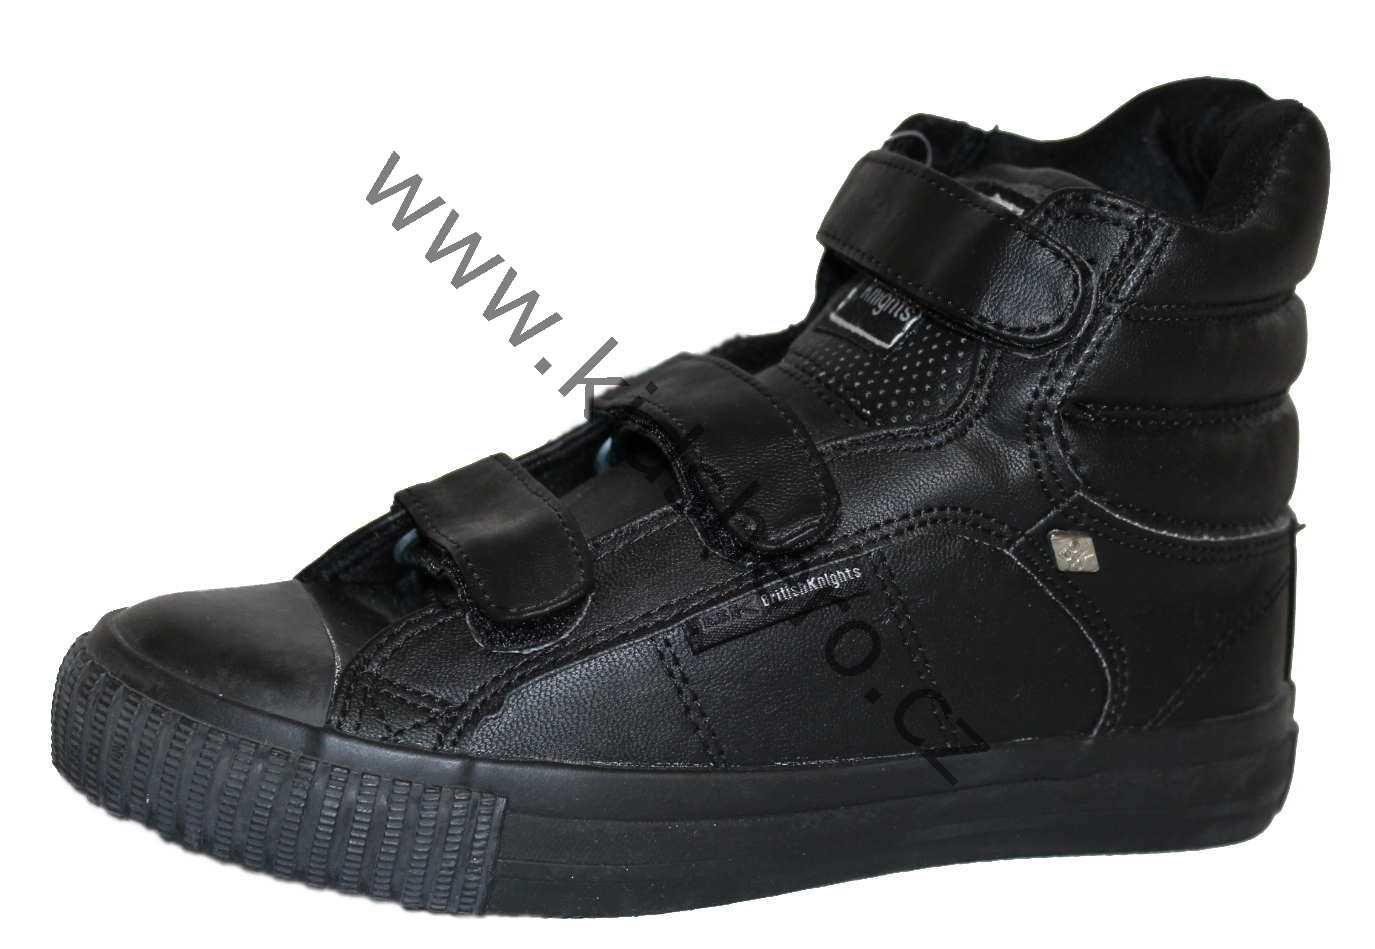 Dětské kotníkové boty BK-British Knihgts Atoll Cuff BRITISH KNIGHTS